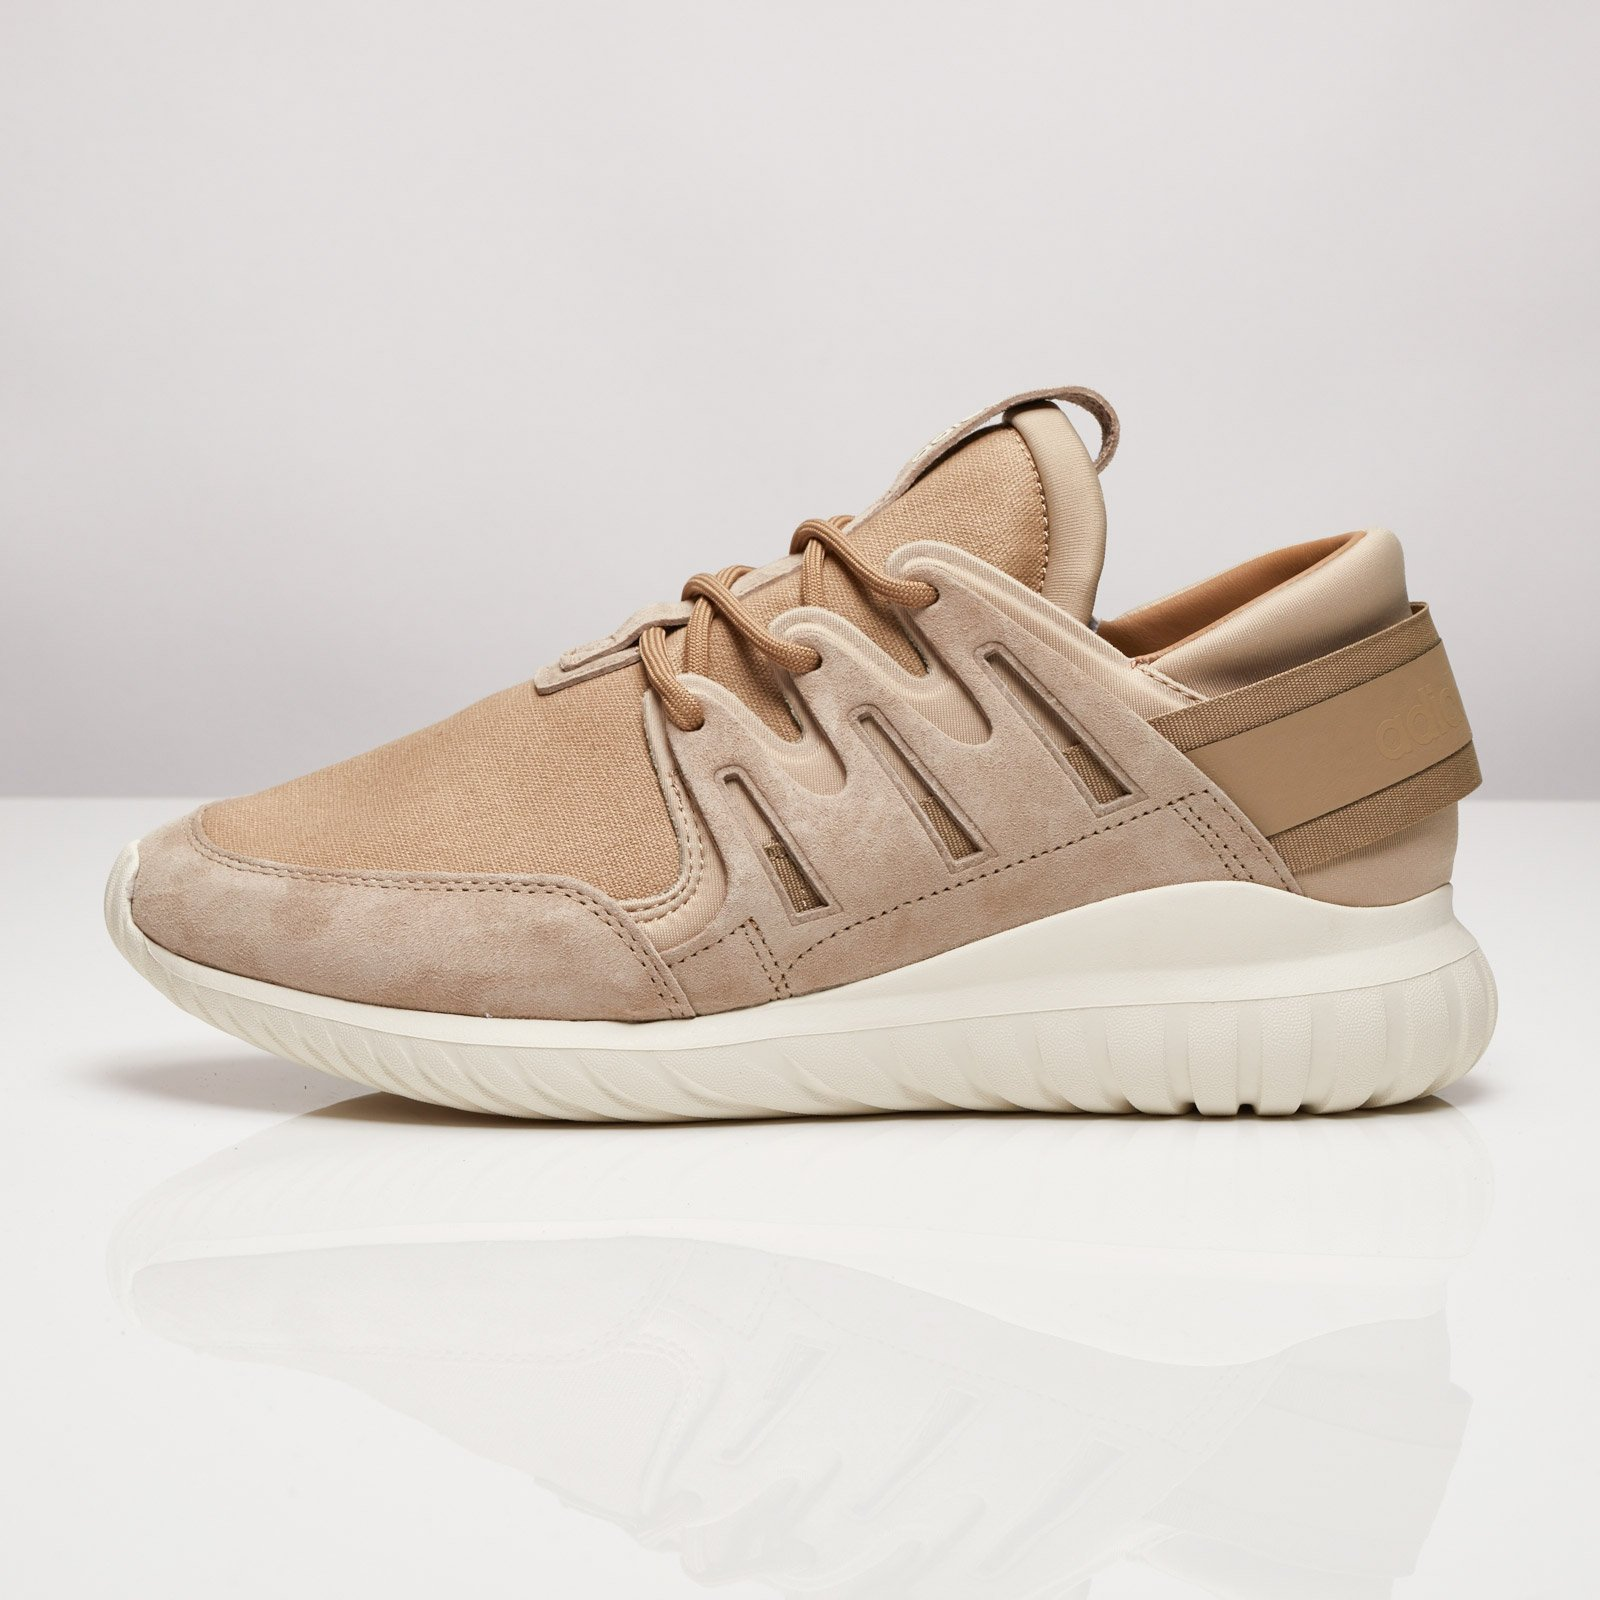 361e0e995e6 ... low price adidas tubular nova adidas tubular nova adidas tubular nova  e1dd8 fee4f